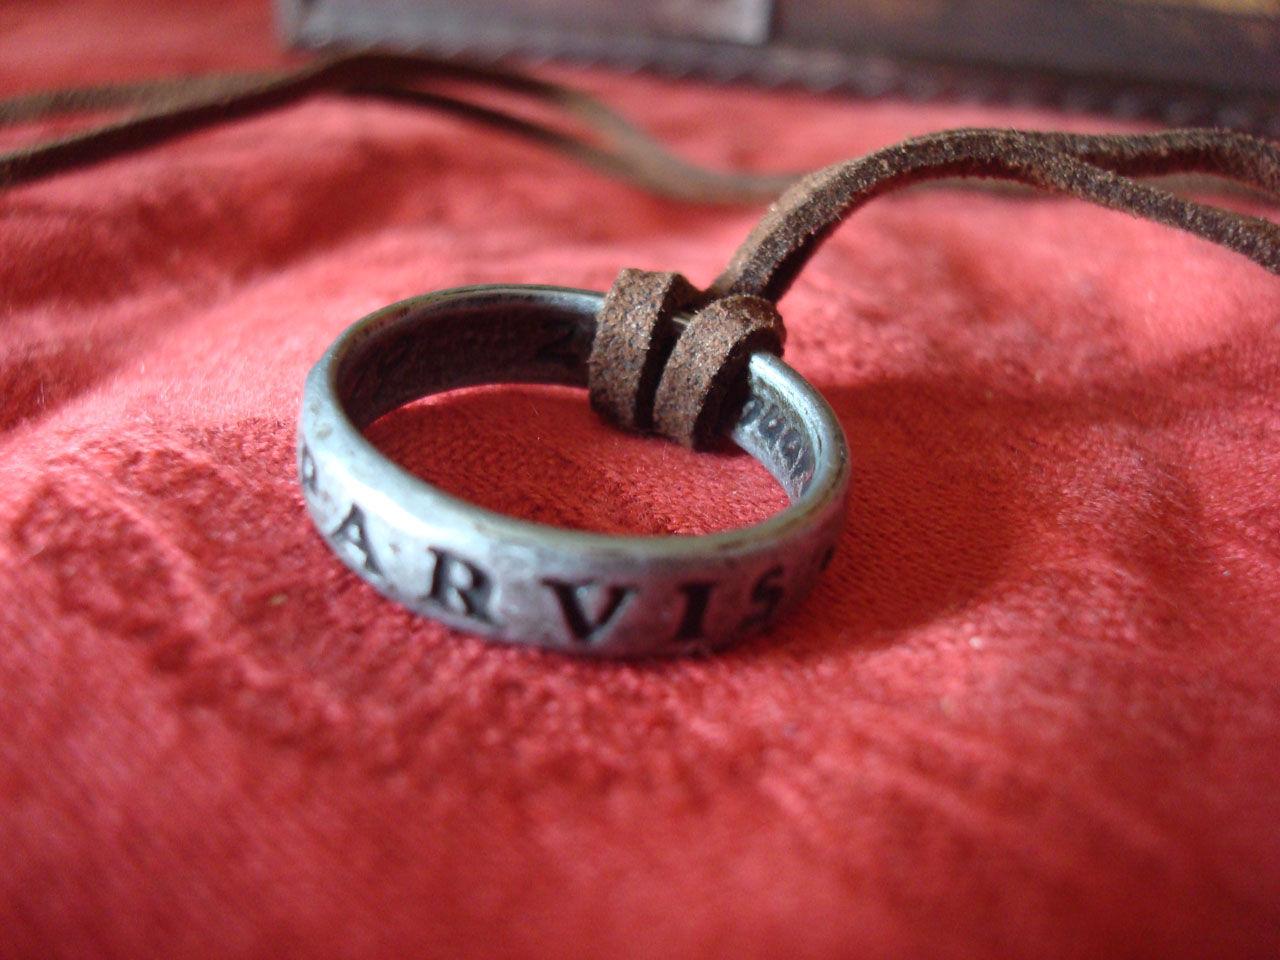 """¿Qué significa la inscripción """"Sic Parvis Magna"""" del anillo de Drake?"""